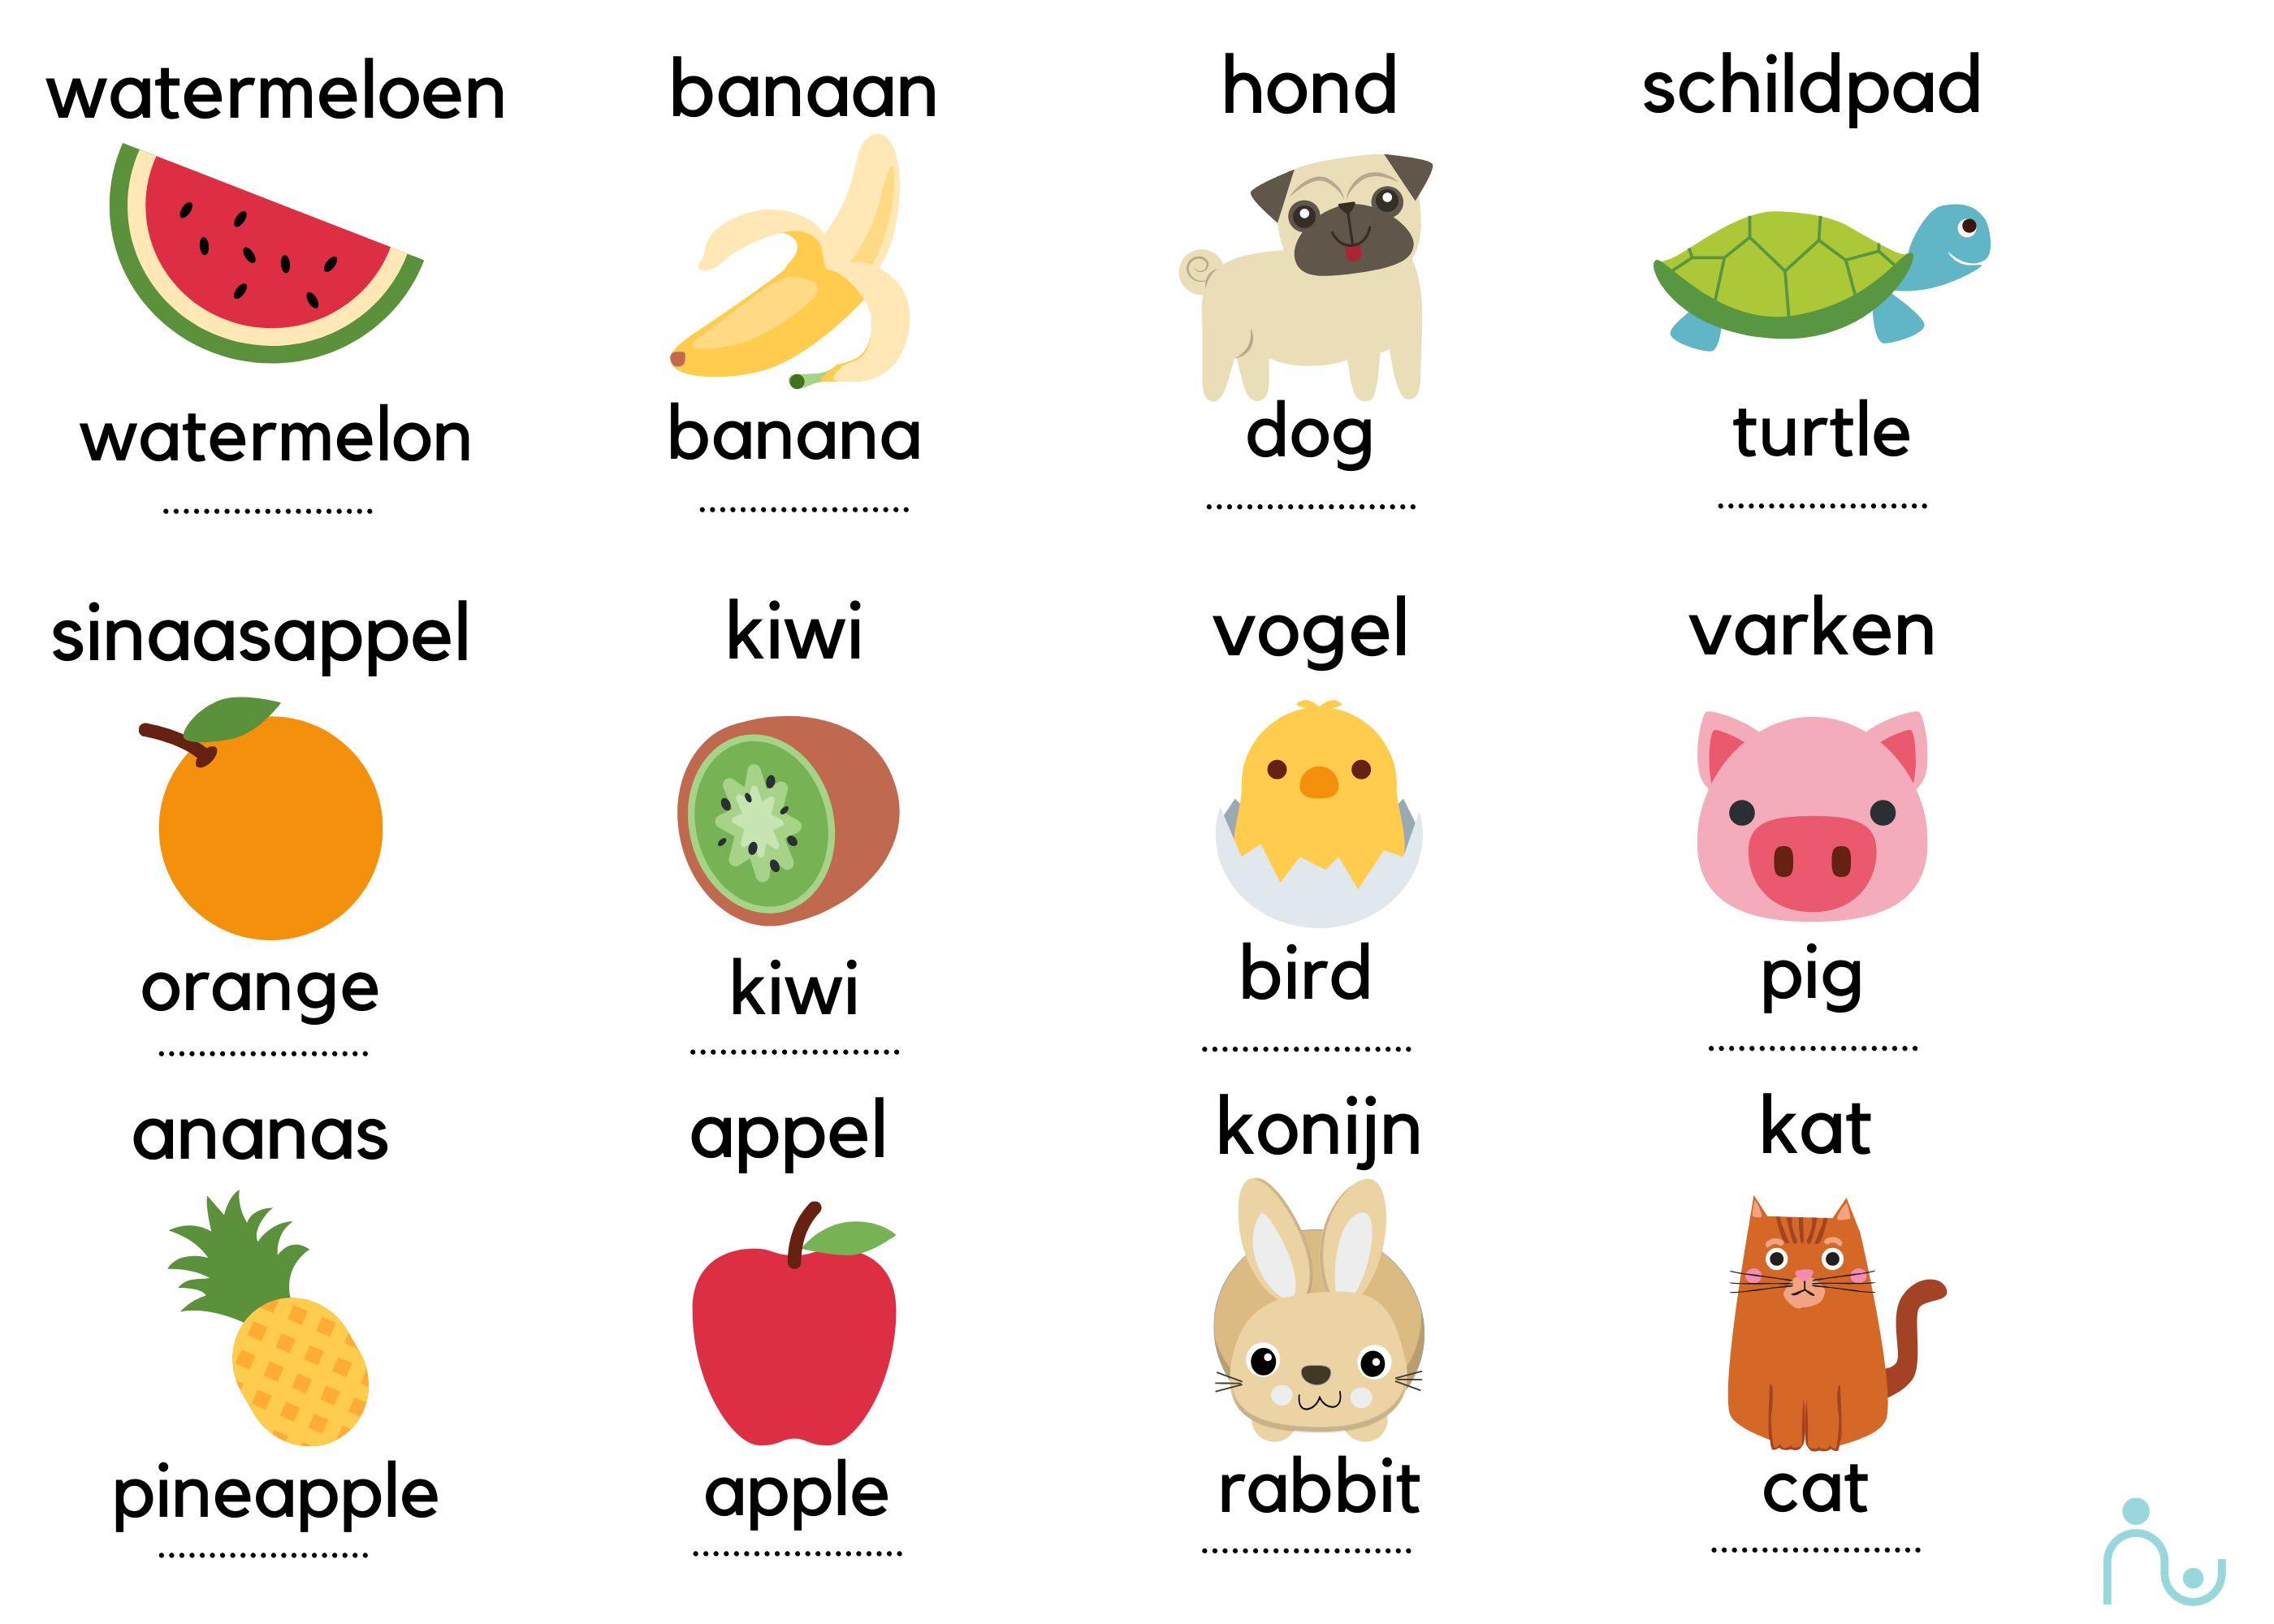 Engels leren met fruit en dieren